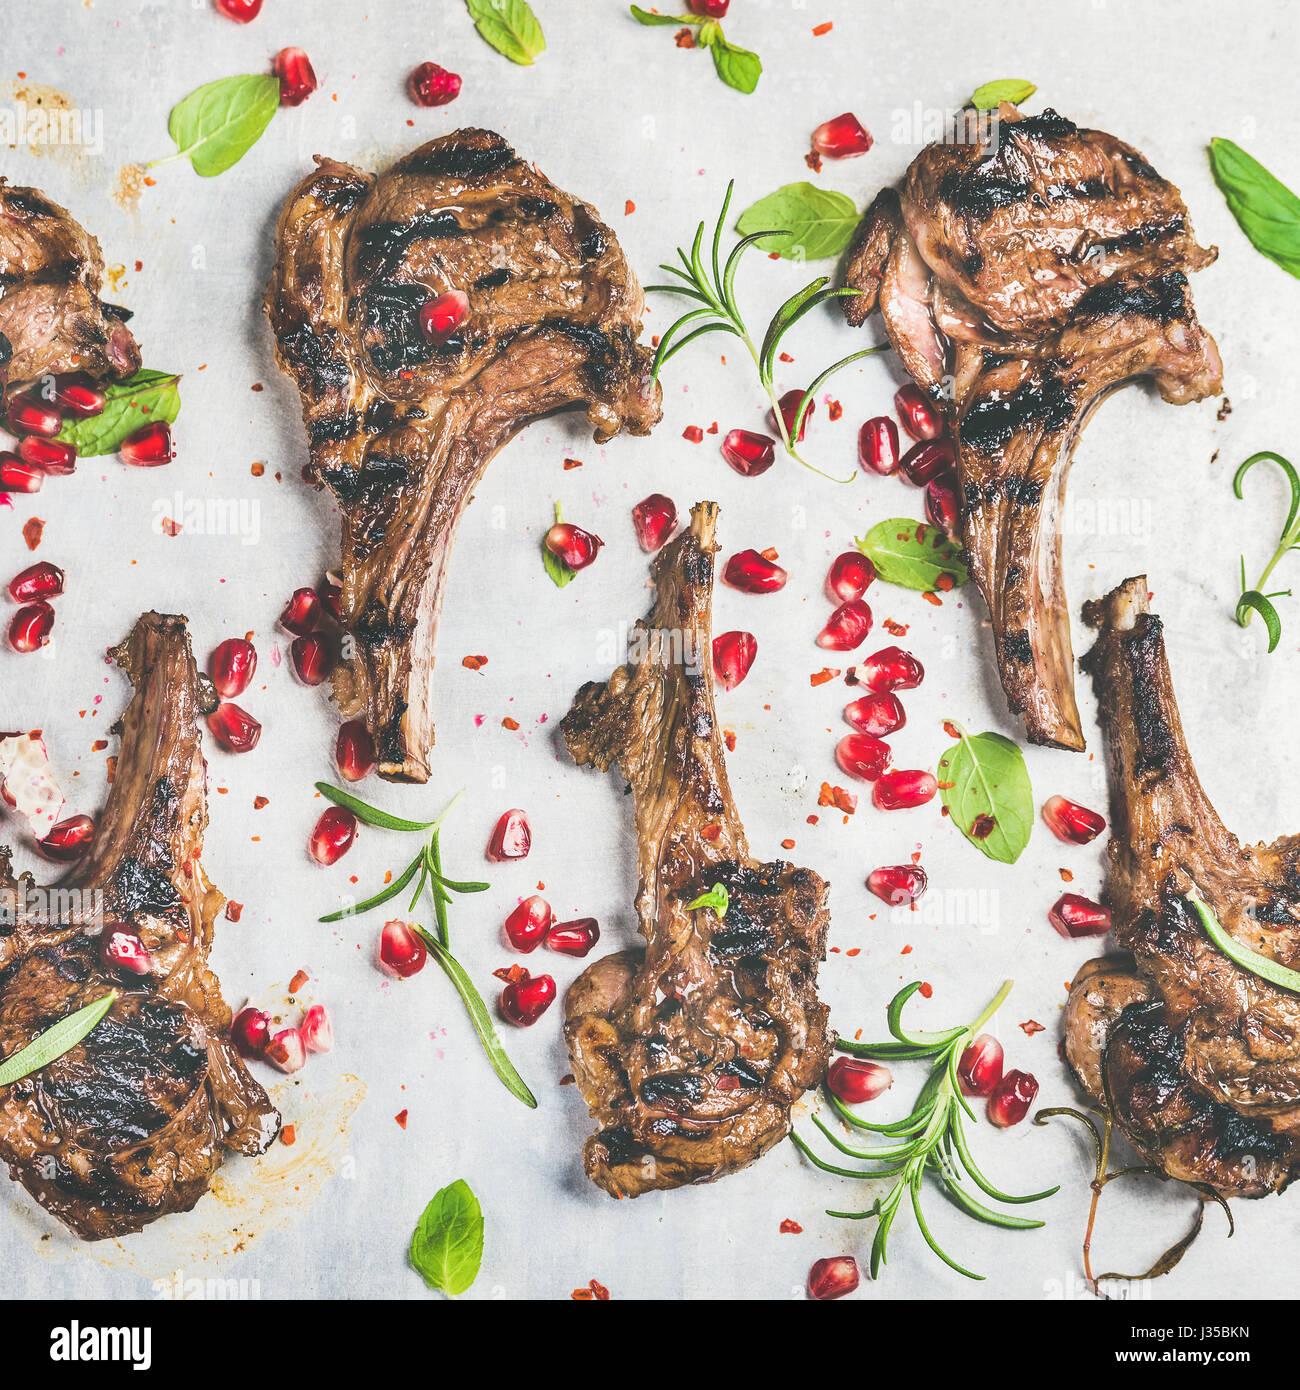 Slow food cena con costillas de cordero a la brasa y granados, hierbas Imagen De Stock